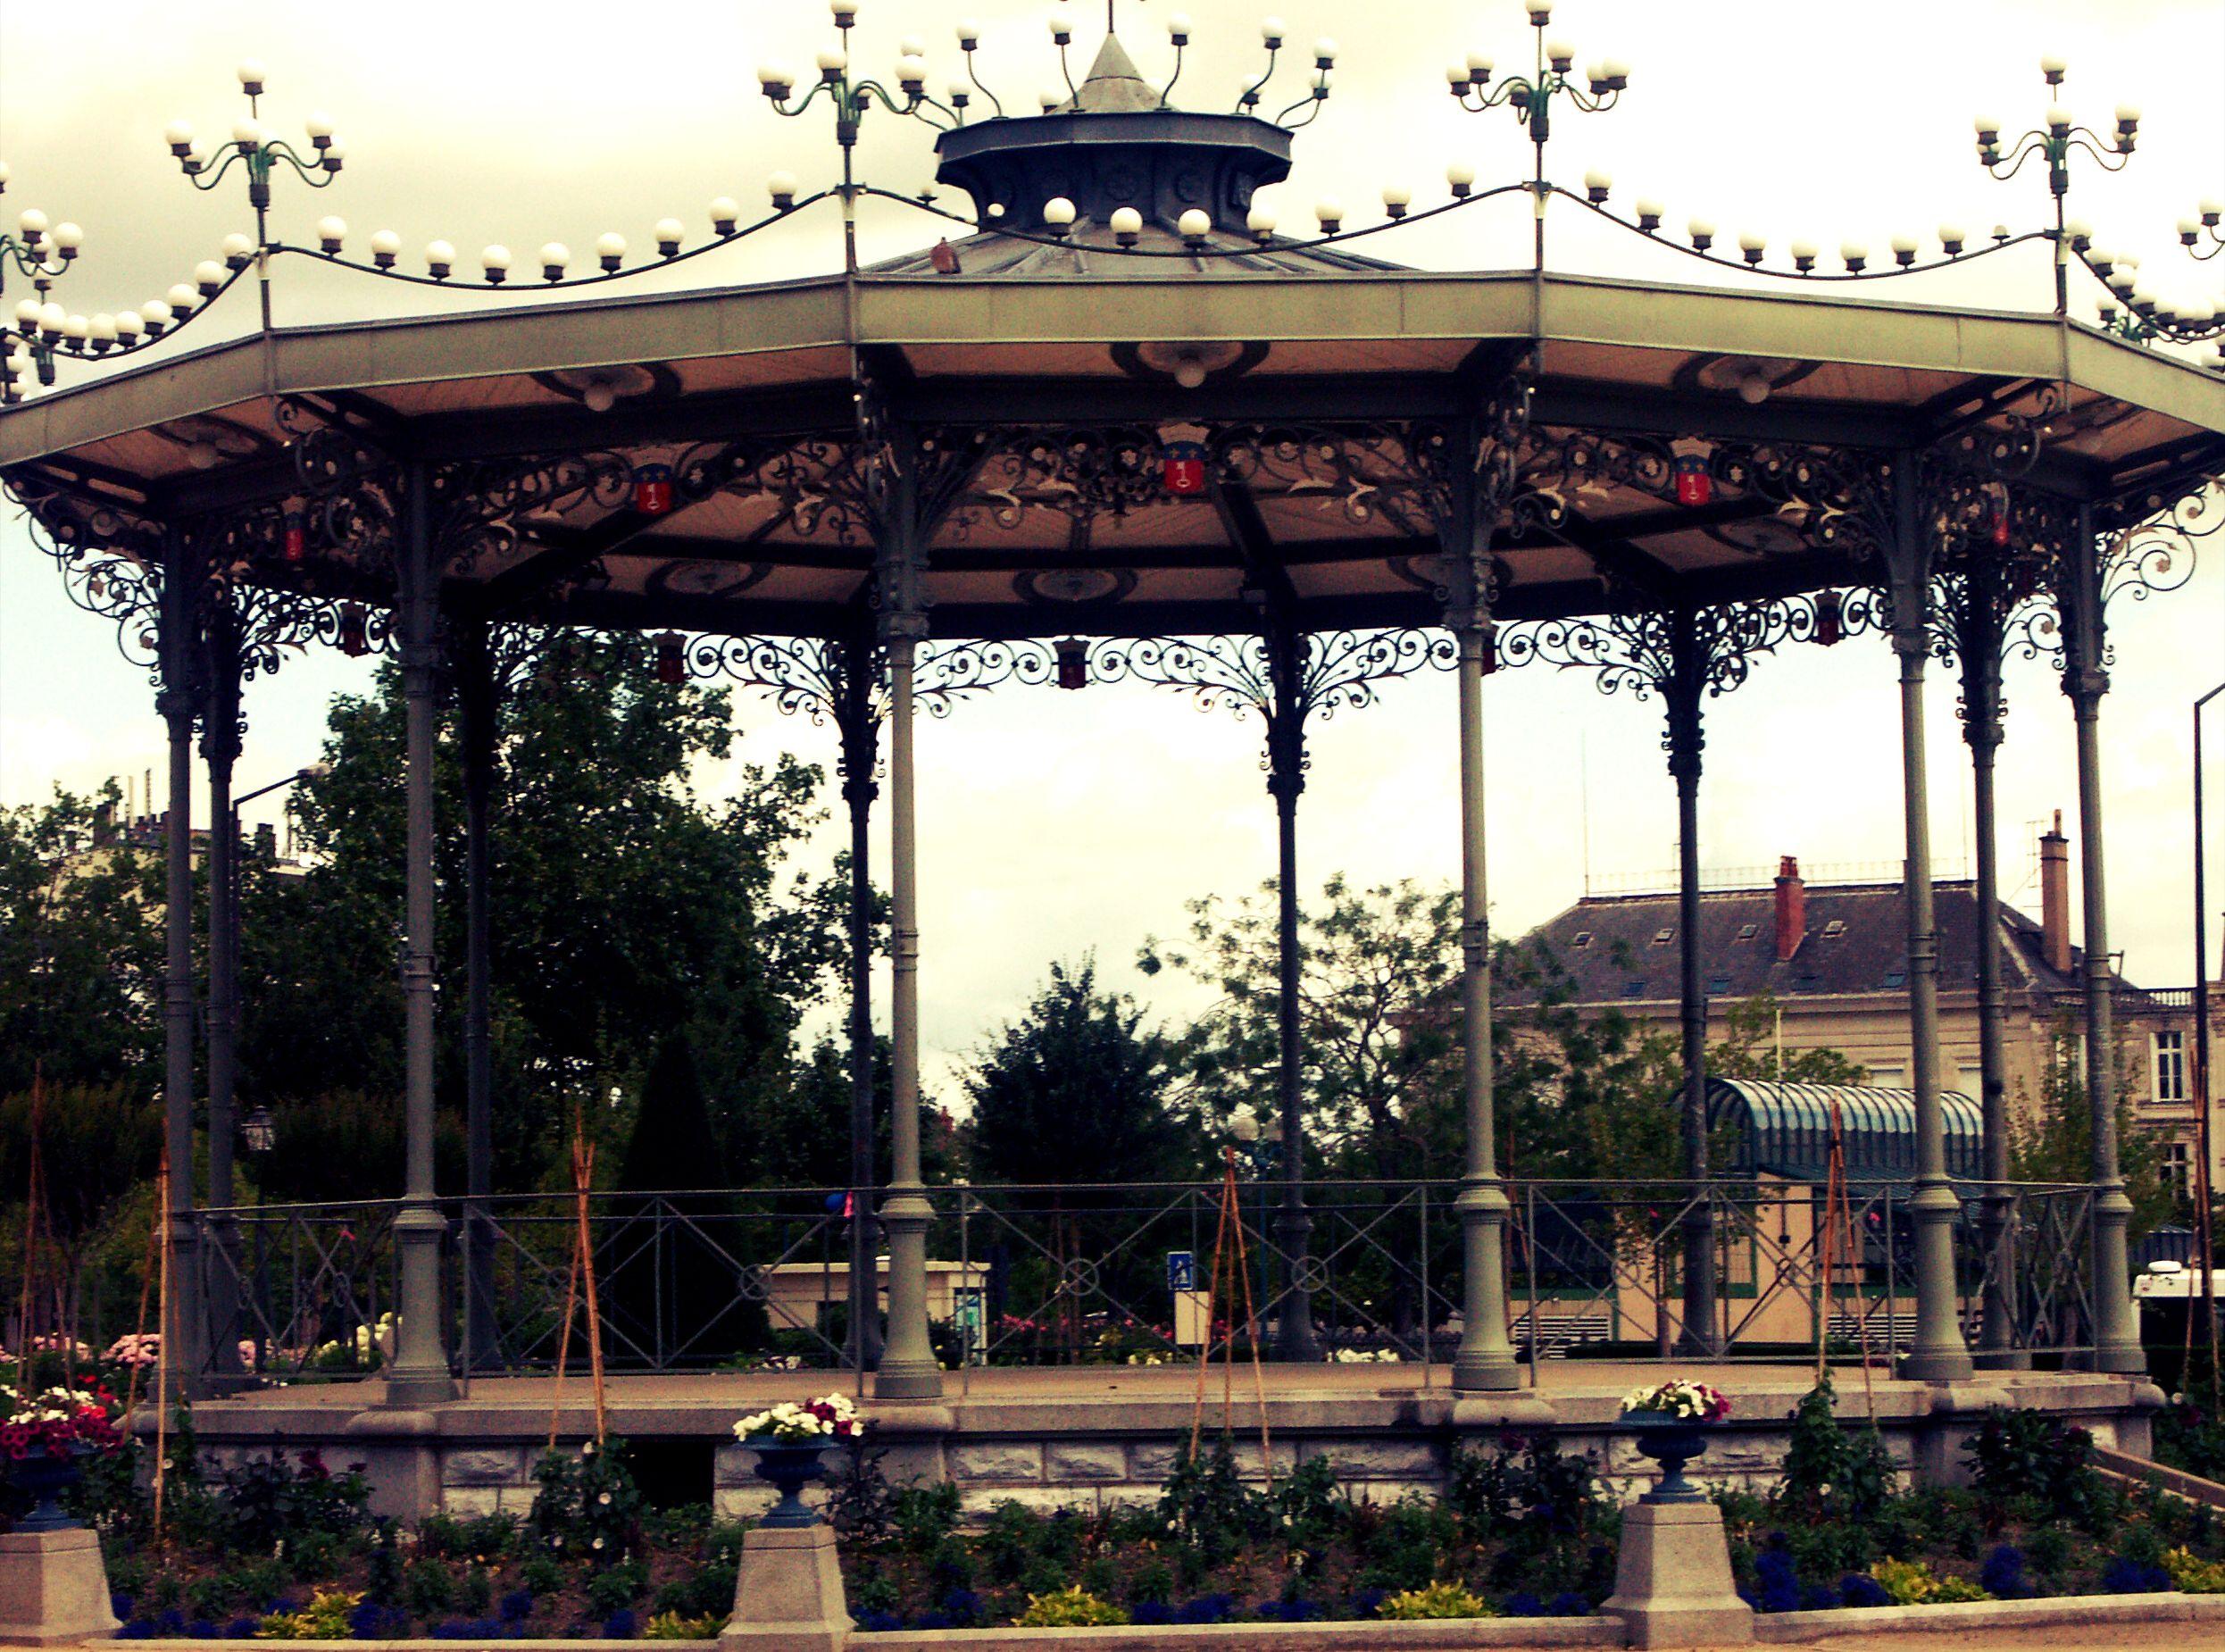 Fichier:Kiosque à musique du Mail, Angers.jpg — Wikipédia